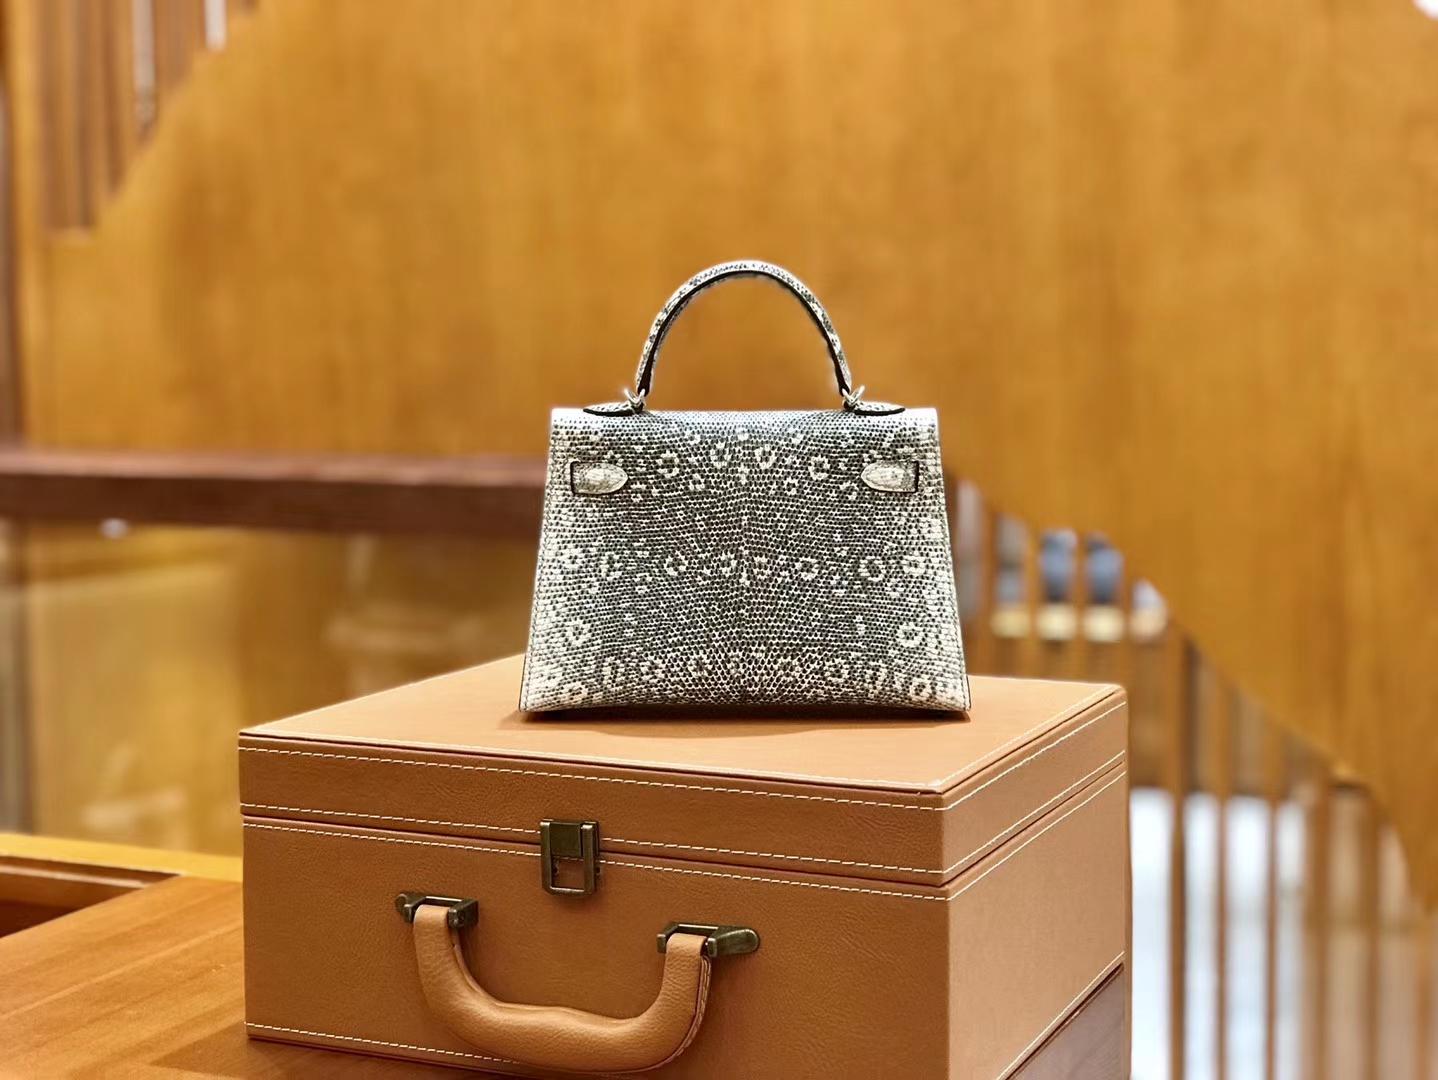 Hermès(爱马仕)迷你2代 19cm 雪花原色 银扣 蜥蜴皮 全手工缝制